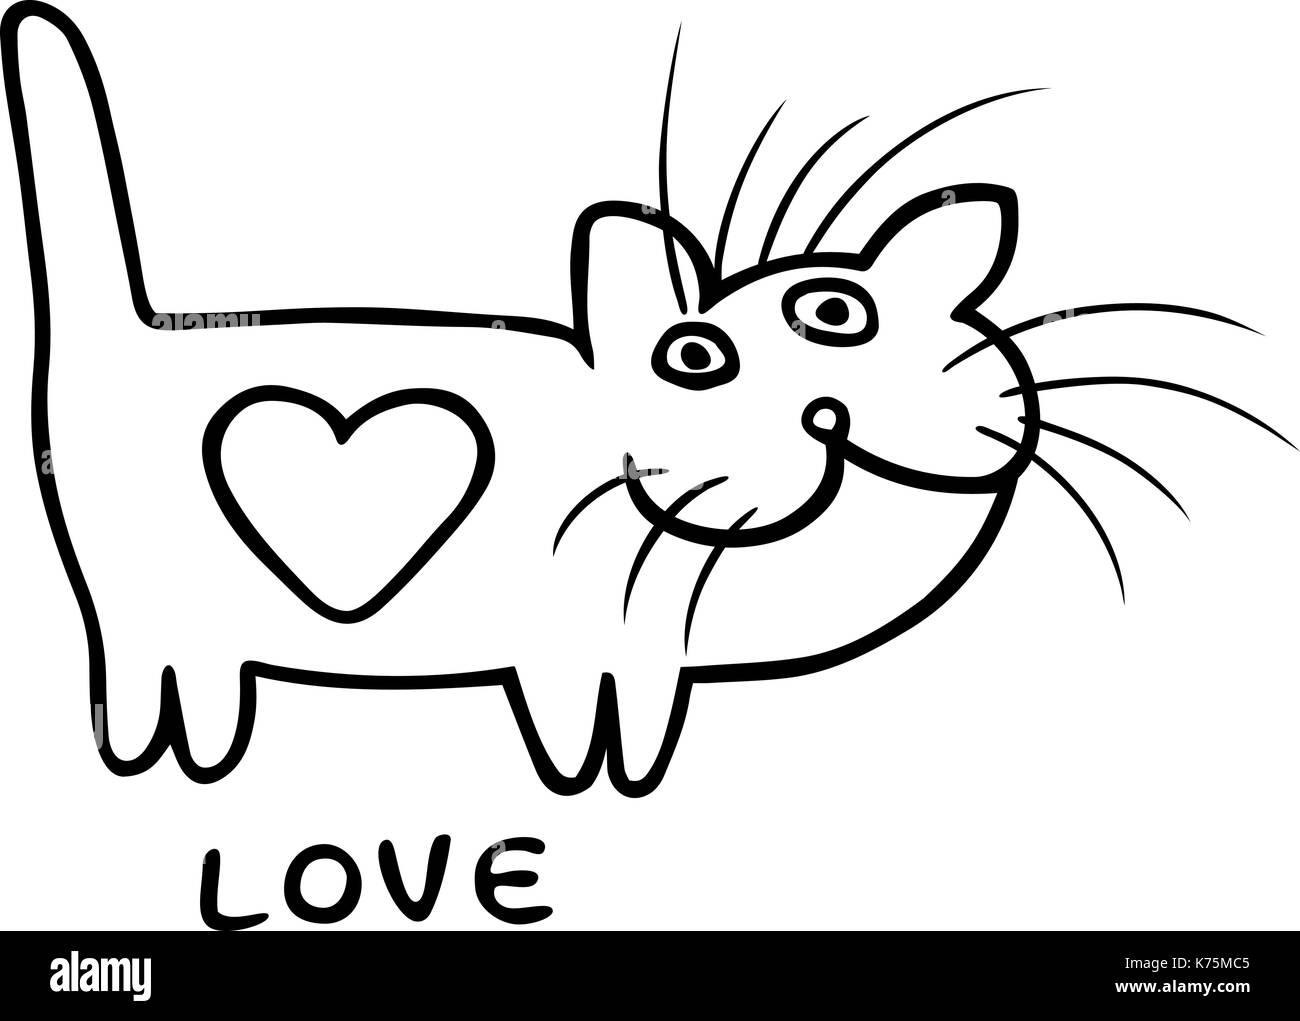 Corazón De Amor En Blanco Y Negro Cat En El Día De San